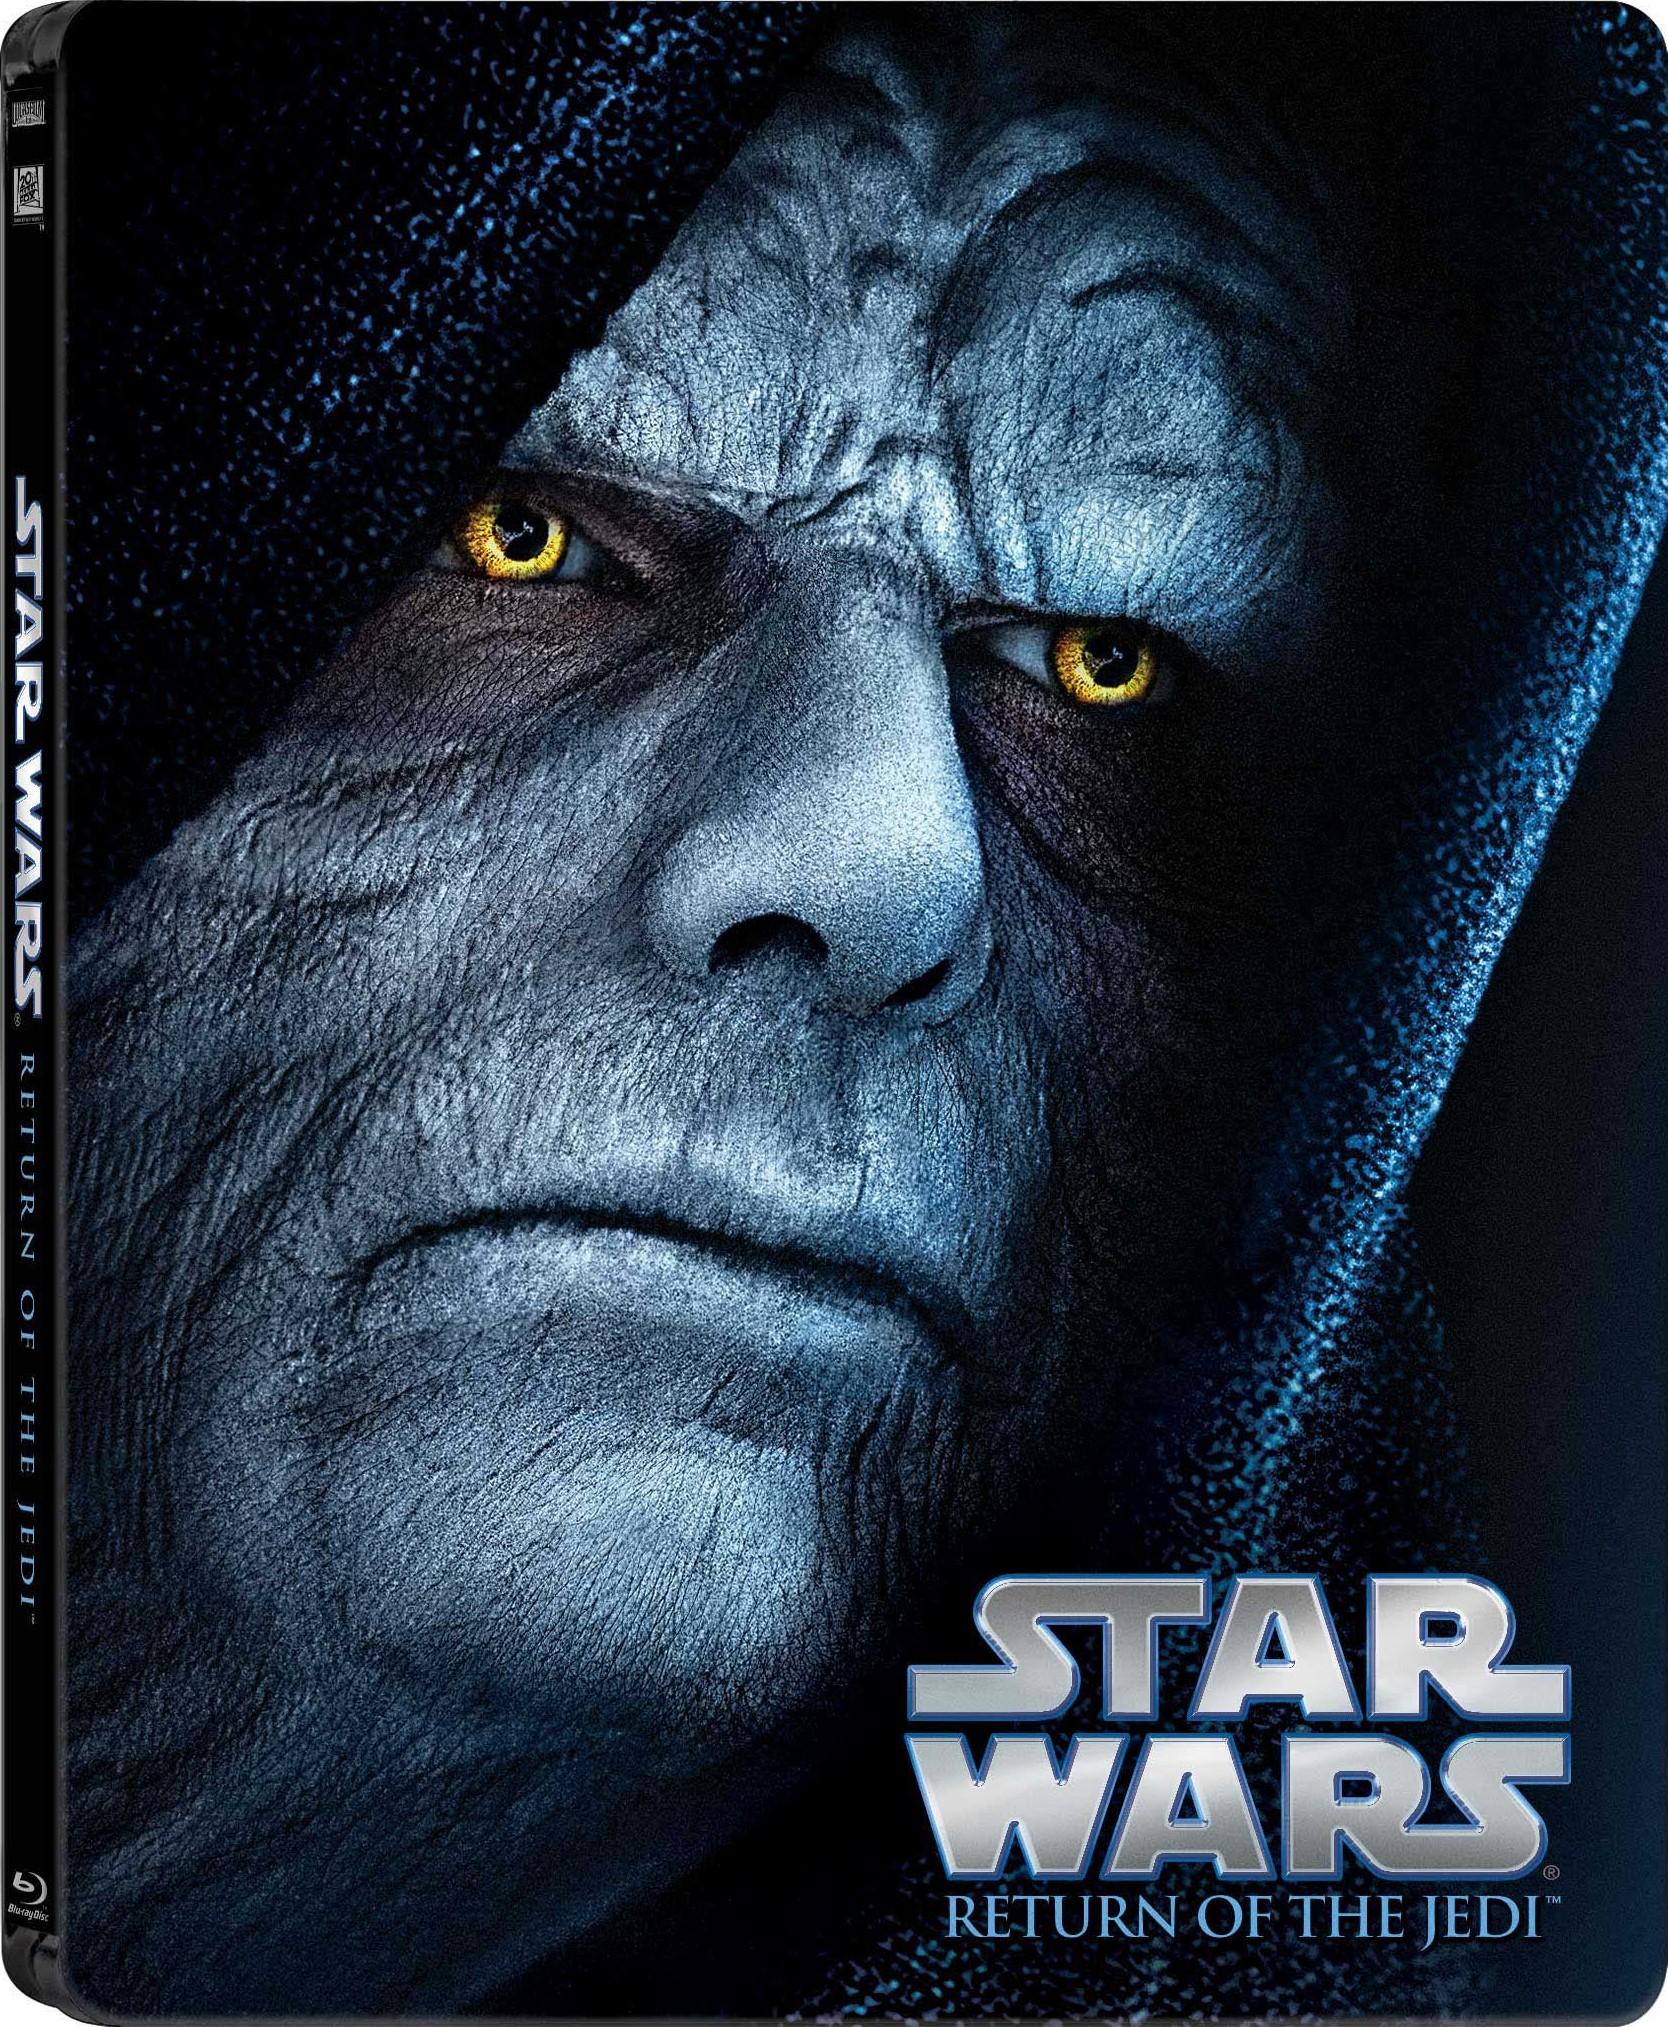 Star Wars Return of the Jedi SteelBook